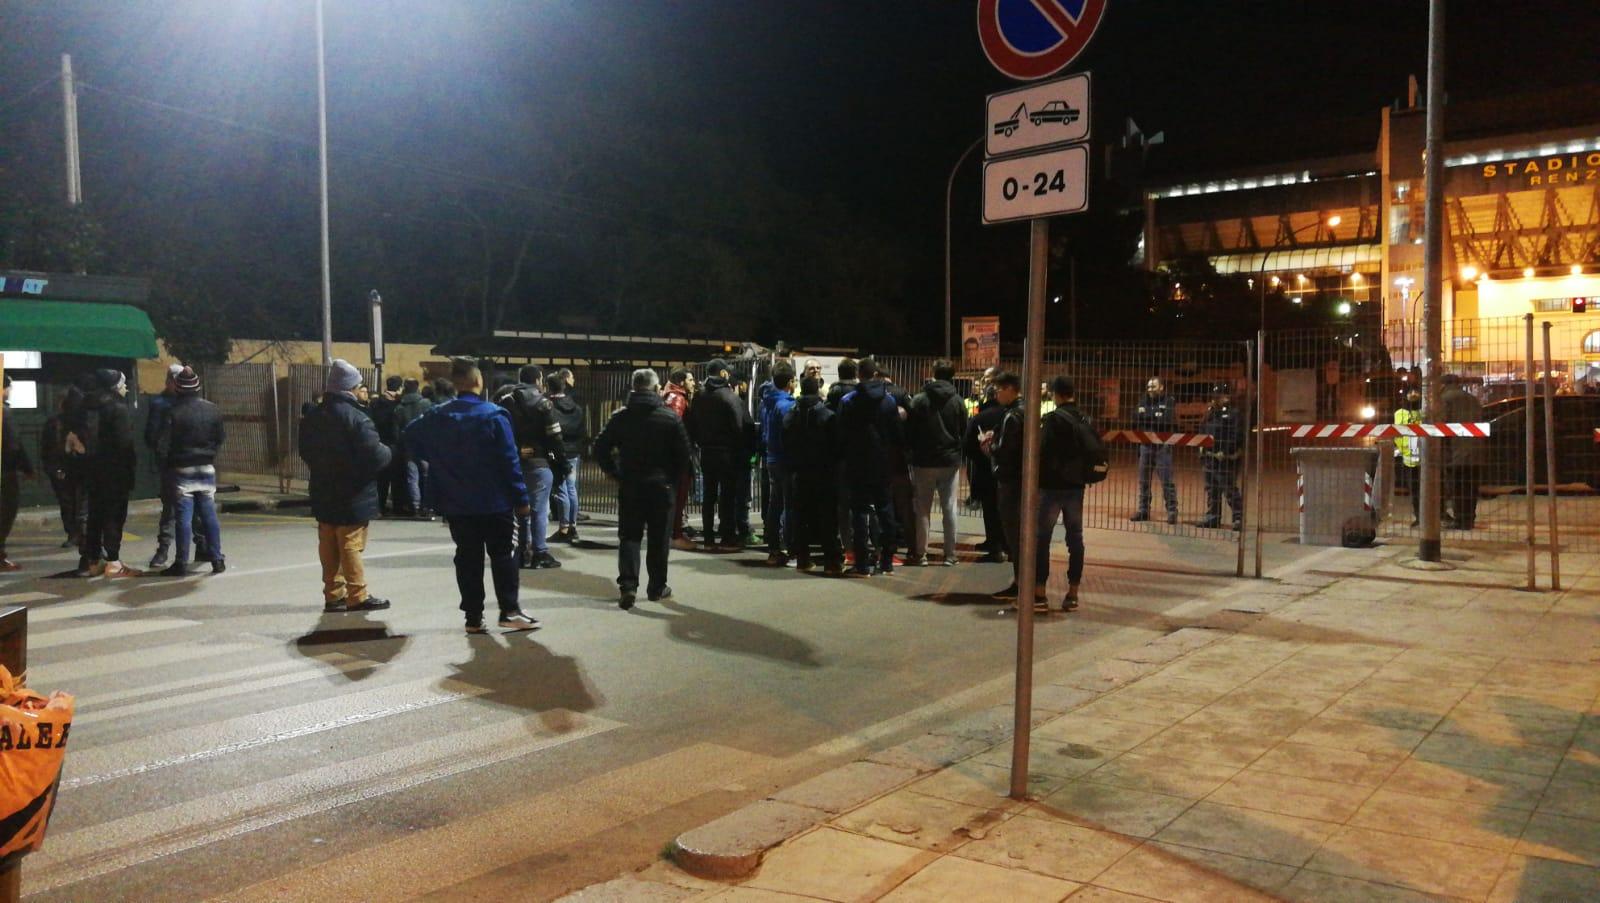 ORE 20.45 – Mentre le squadre terminano il riscaldamento e anche la pioggia si arresta. Tutto pronto per l'inizio della partita (QUI LA DIRETTA TESTUALE) ORE 20.30 – Bomba d'acqua al Barbera. Dopo una giornata di sole e bel tempo, arrivano improvvisamente pioggia e acqua in città. Le squadre in campo proseguono il riscaldamento, mentre il pubblico cerca di ripararsi dalla pioggia. Tutto pronto per Palermo – Bresciae anche nel piazzale dello stadio cresce l'attesa per uno scontro diretto che riporterà una cornice di pubblico come non si vedeva da tempo (previsti oltre 20 mila spettatori, con record di incasso).